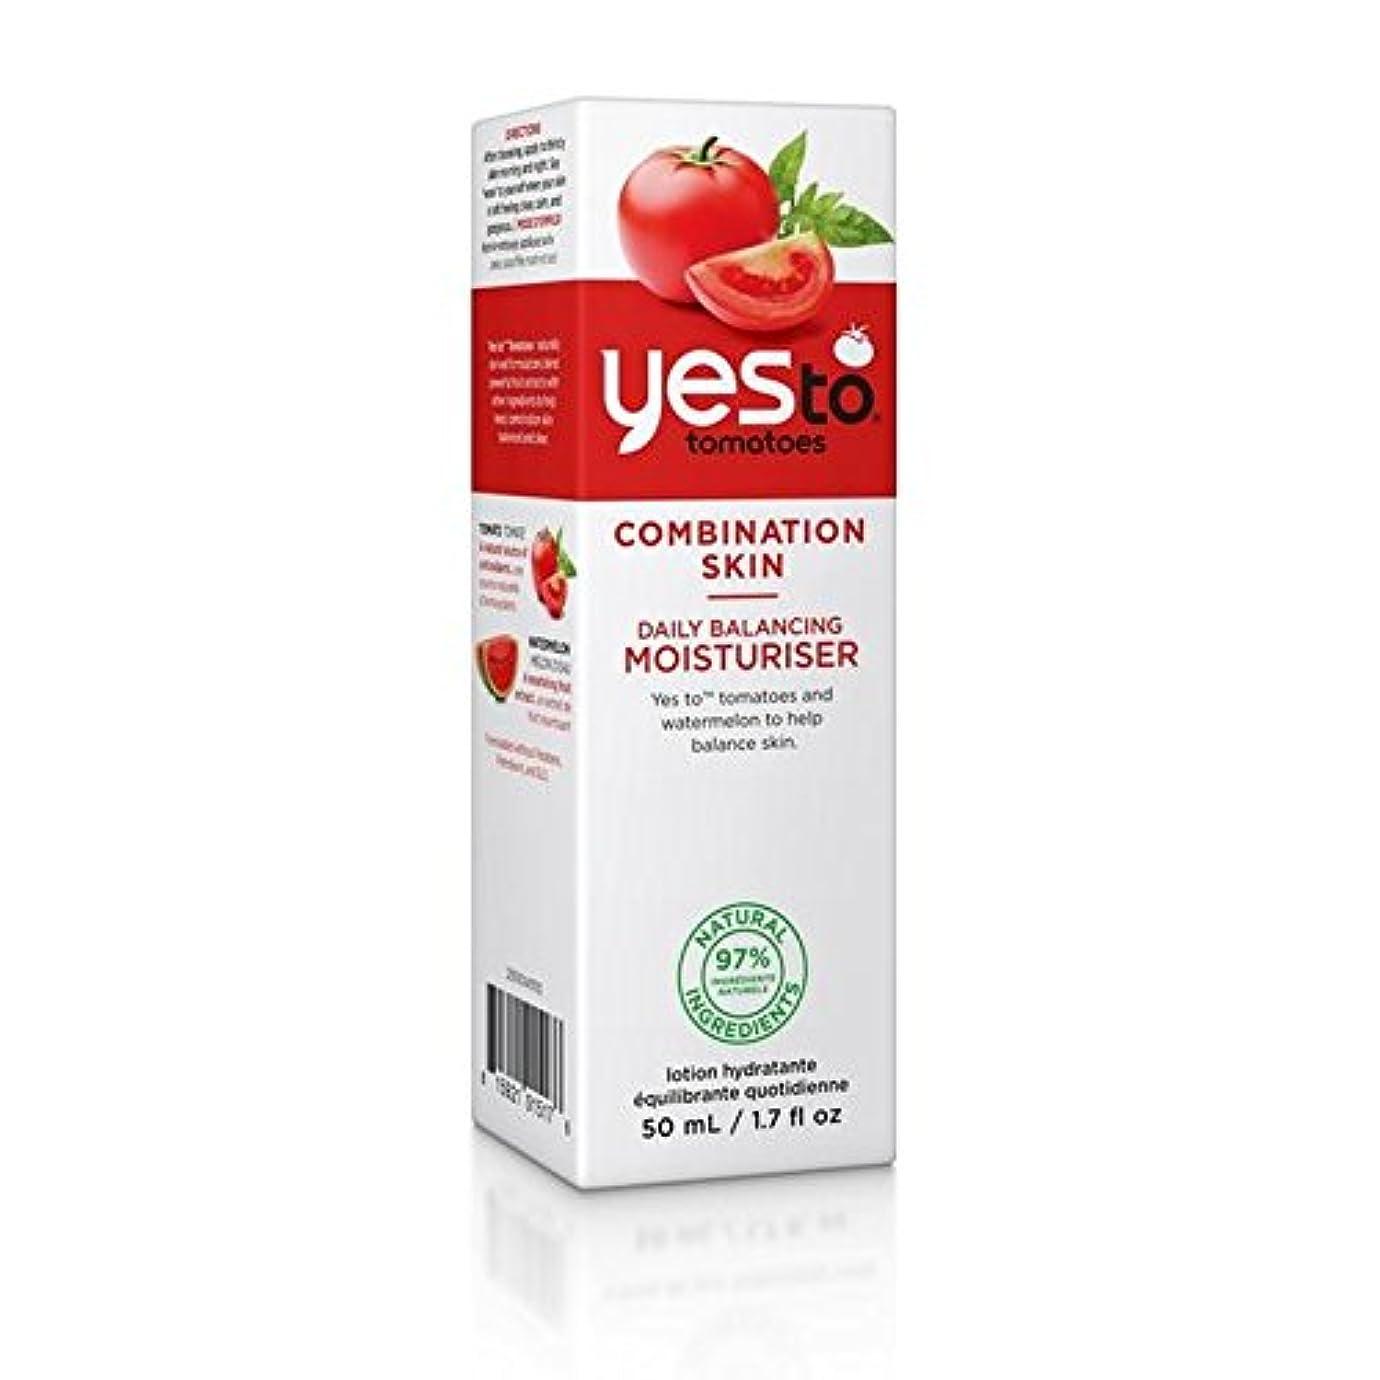 管理者厚さ流体はいトマトに保湿50ミリリットル x2 - Yes to Tomatoes Moisturiser 50ml (Pack of 2) [並行輸入品]